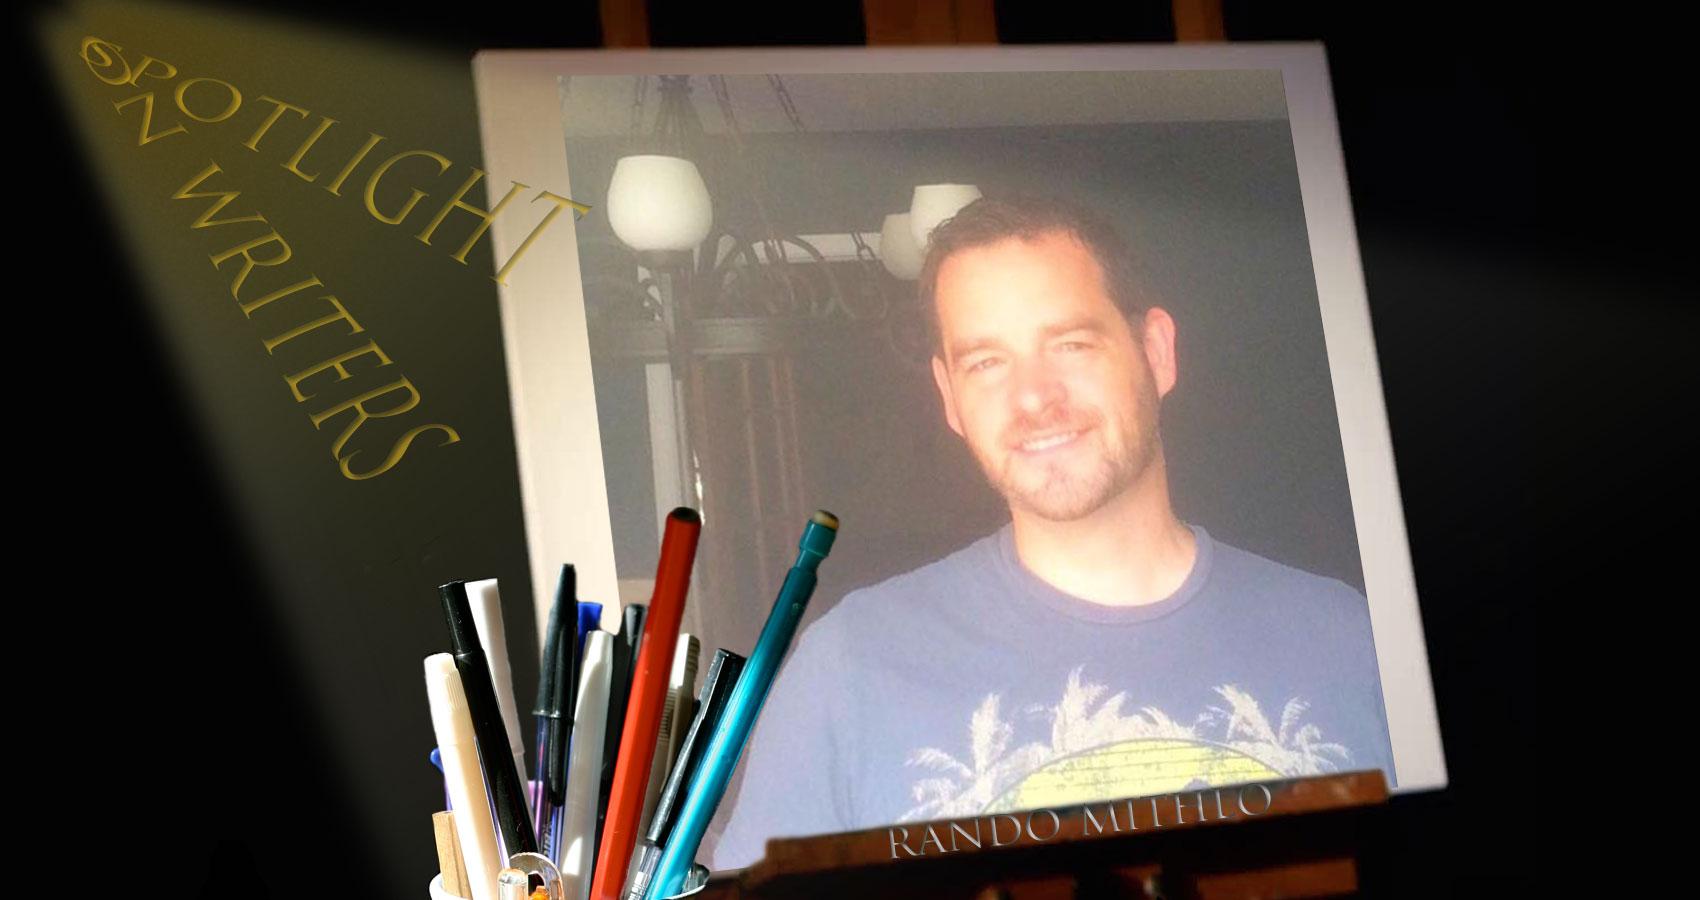 Spotlight On Writers - Rando Mithlo at Spillwords.com